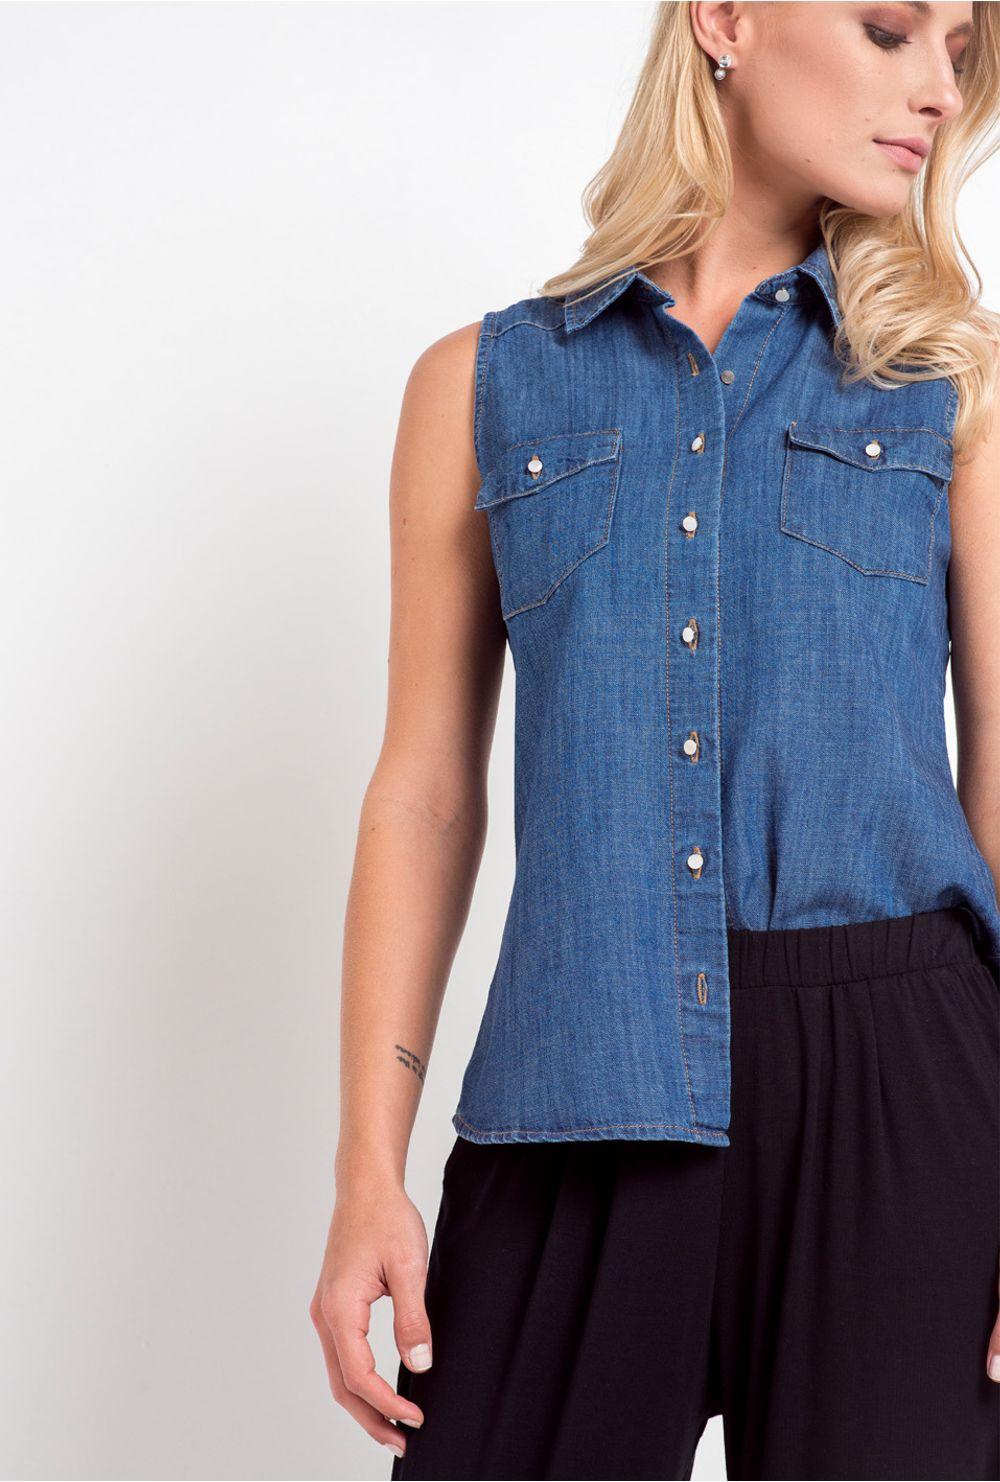 a5d7b1d79e631 Comprar Regata Básica Jeans Avelino   MyBasic - Mobile